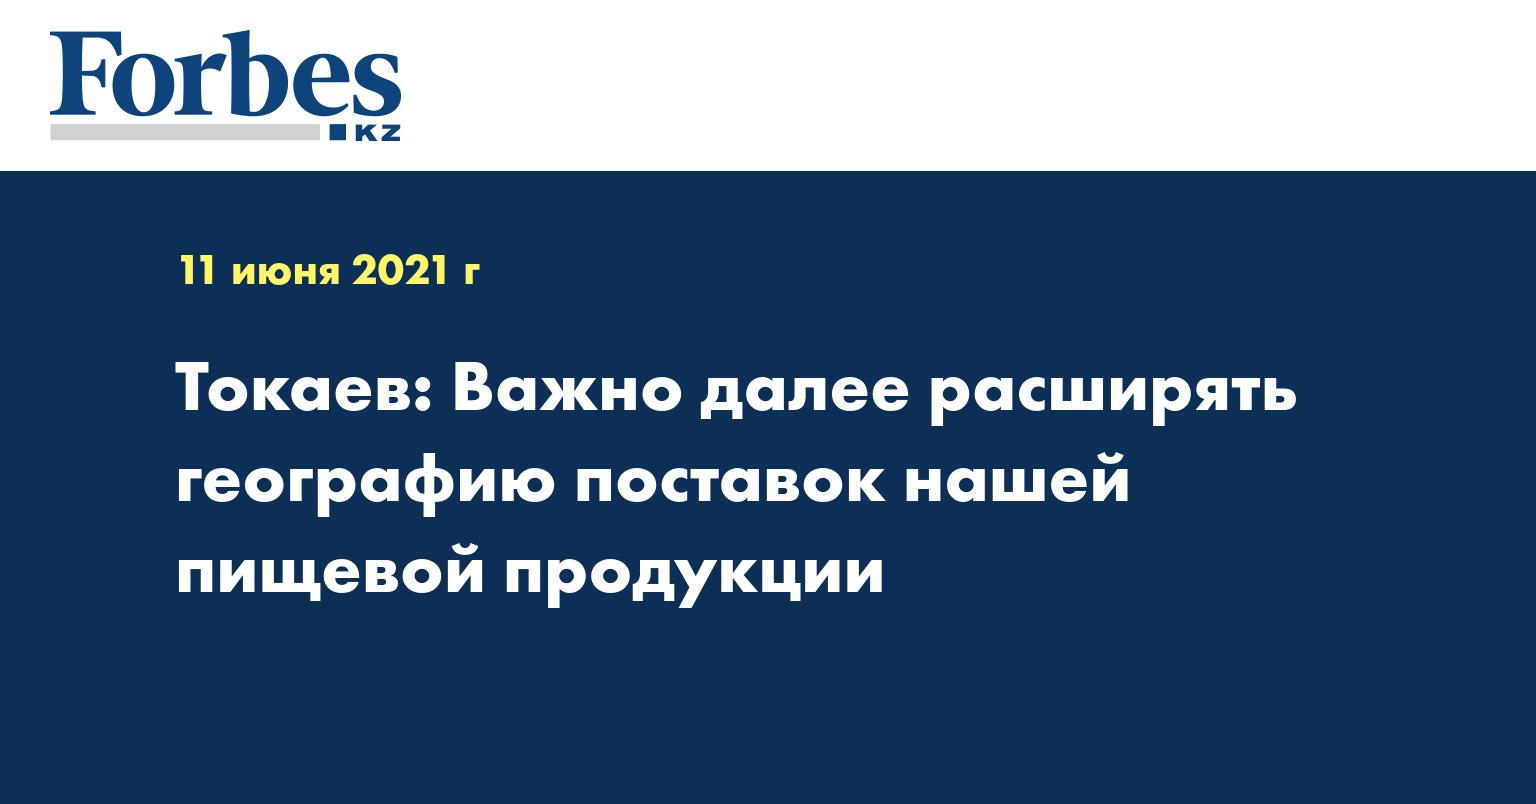 Токаев: Важно далее расширять географию поставок нашей пищевой продукции